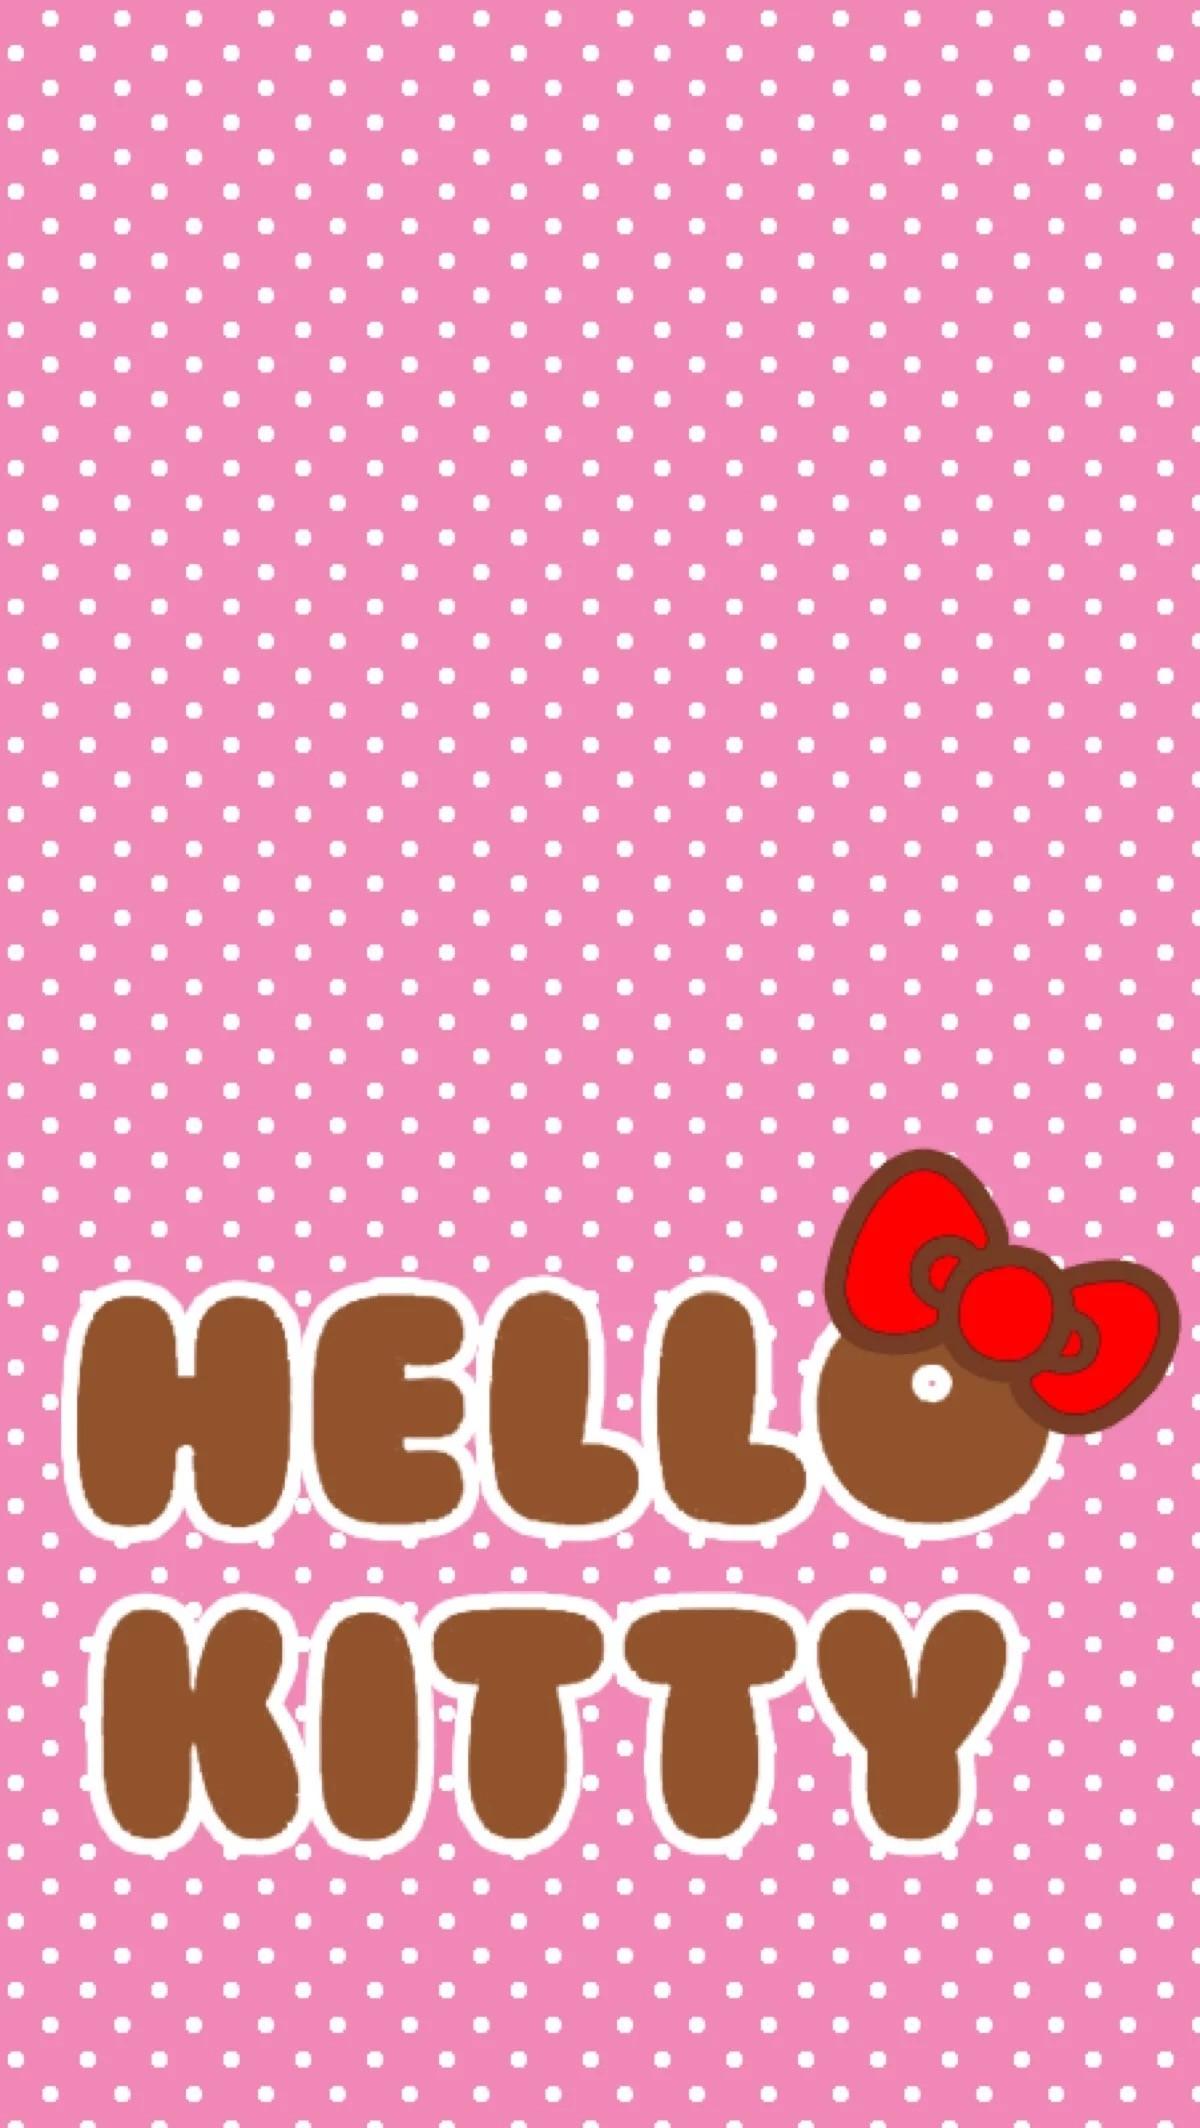 Hello Kitty Wallpaper, Sanrio, Kawaii, Screen, Funds, Christmas